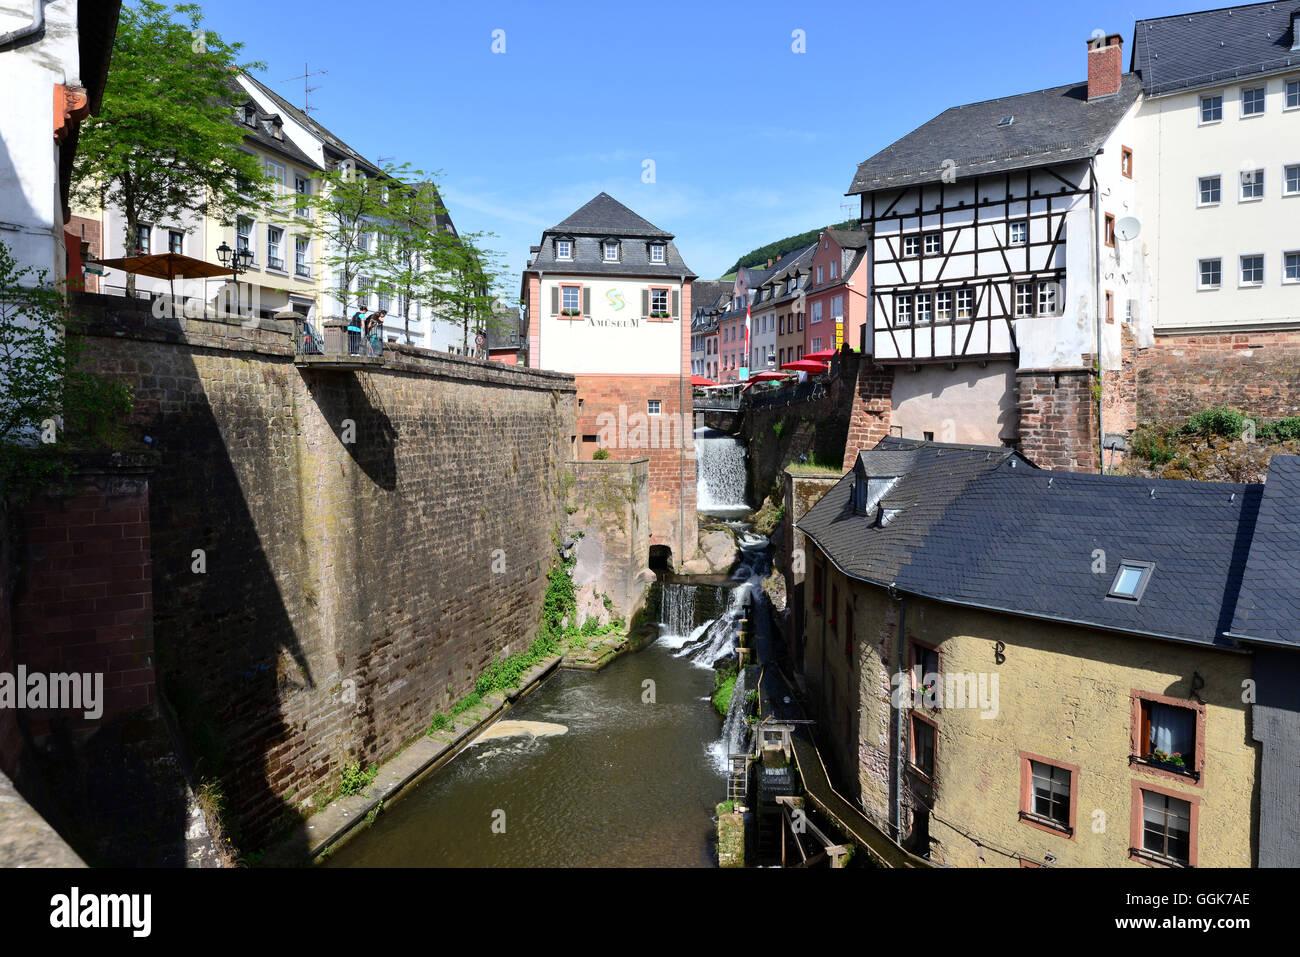 Saarburg am Fluss Saar, Rheinland-Pfalz, Deutschland Stockfoto, Bild ...